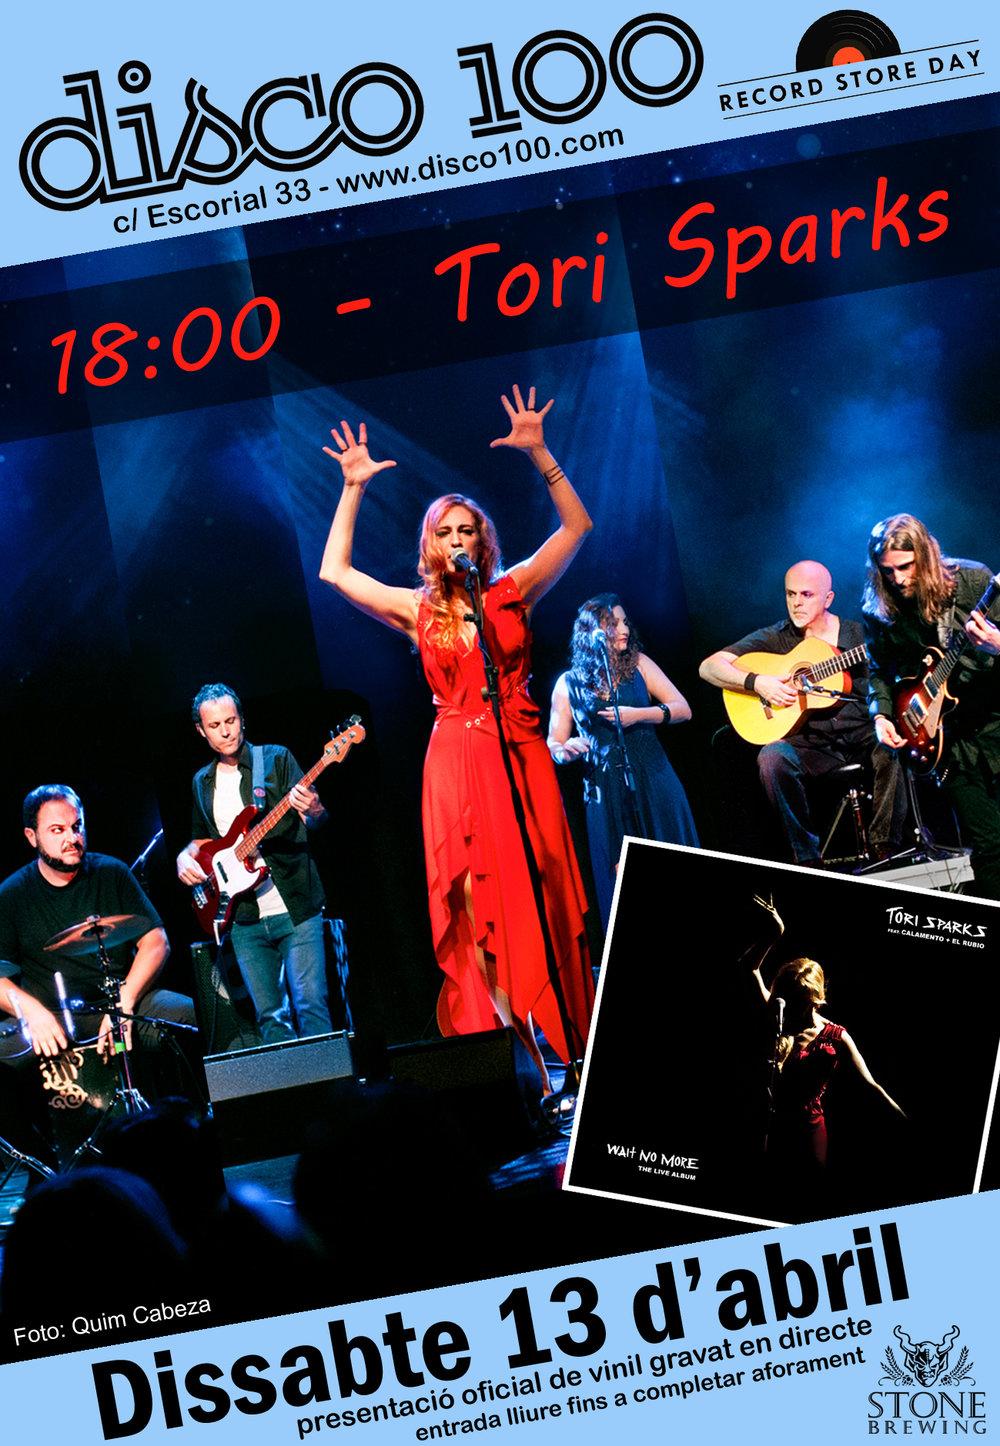 Tori Sparks RSD 2019